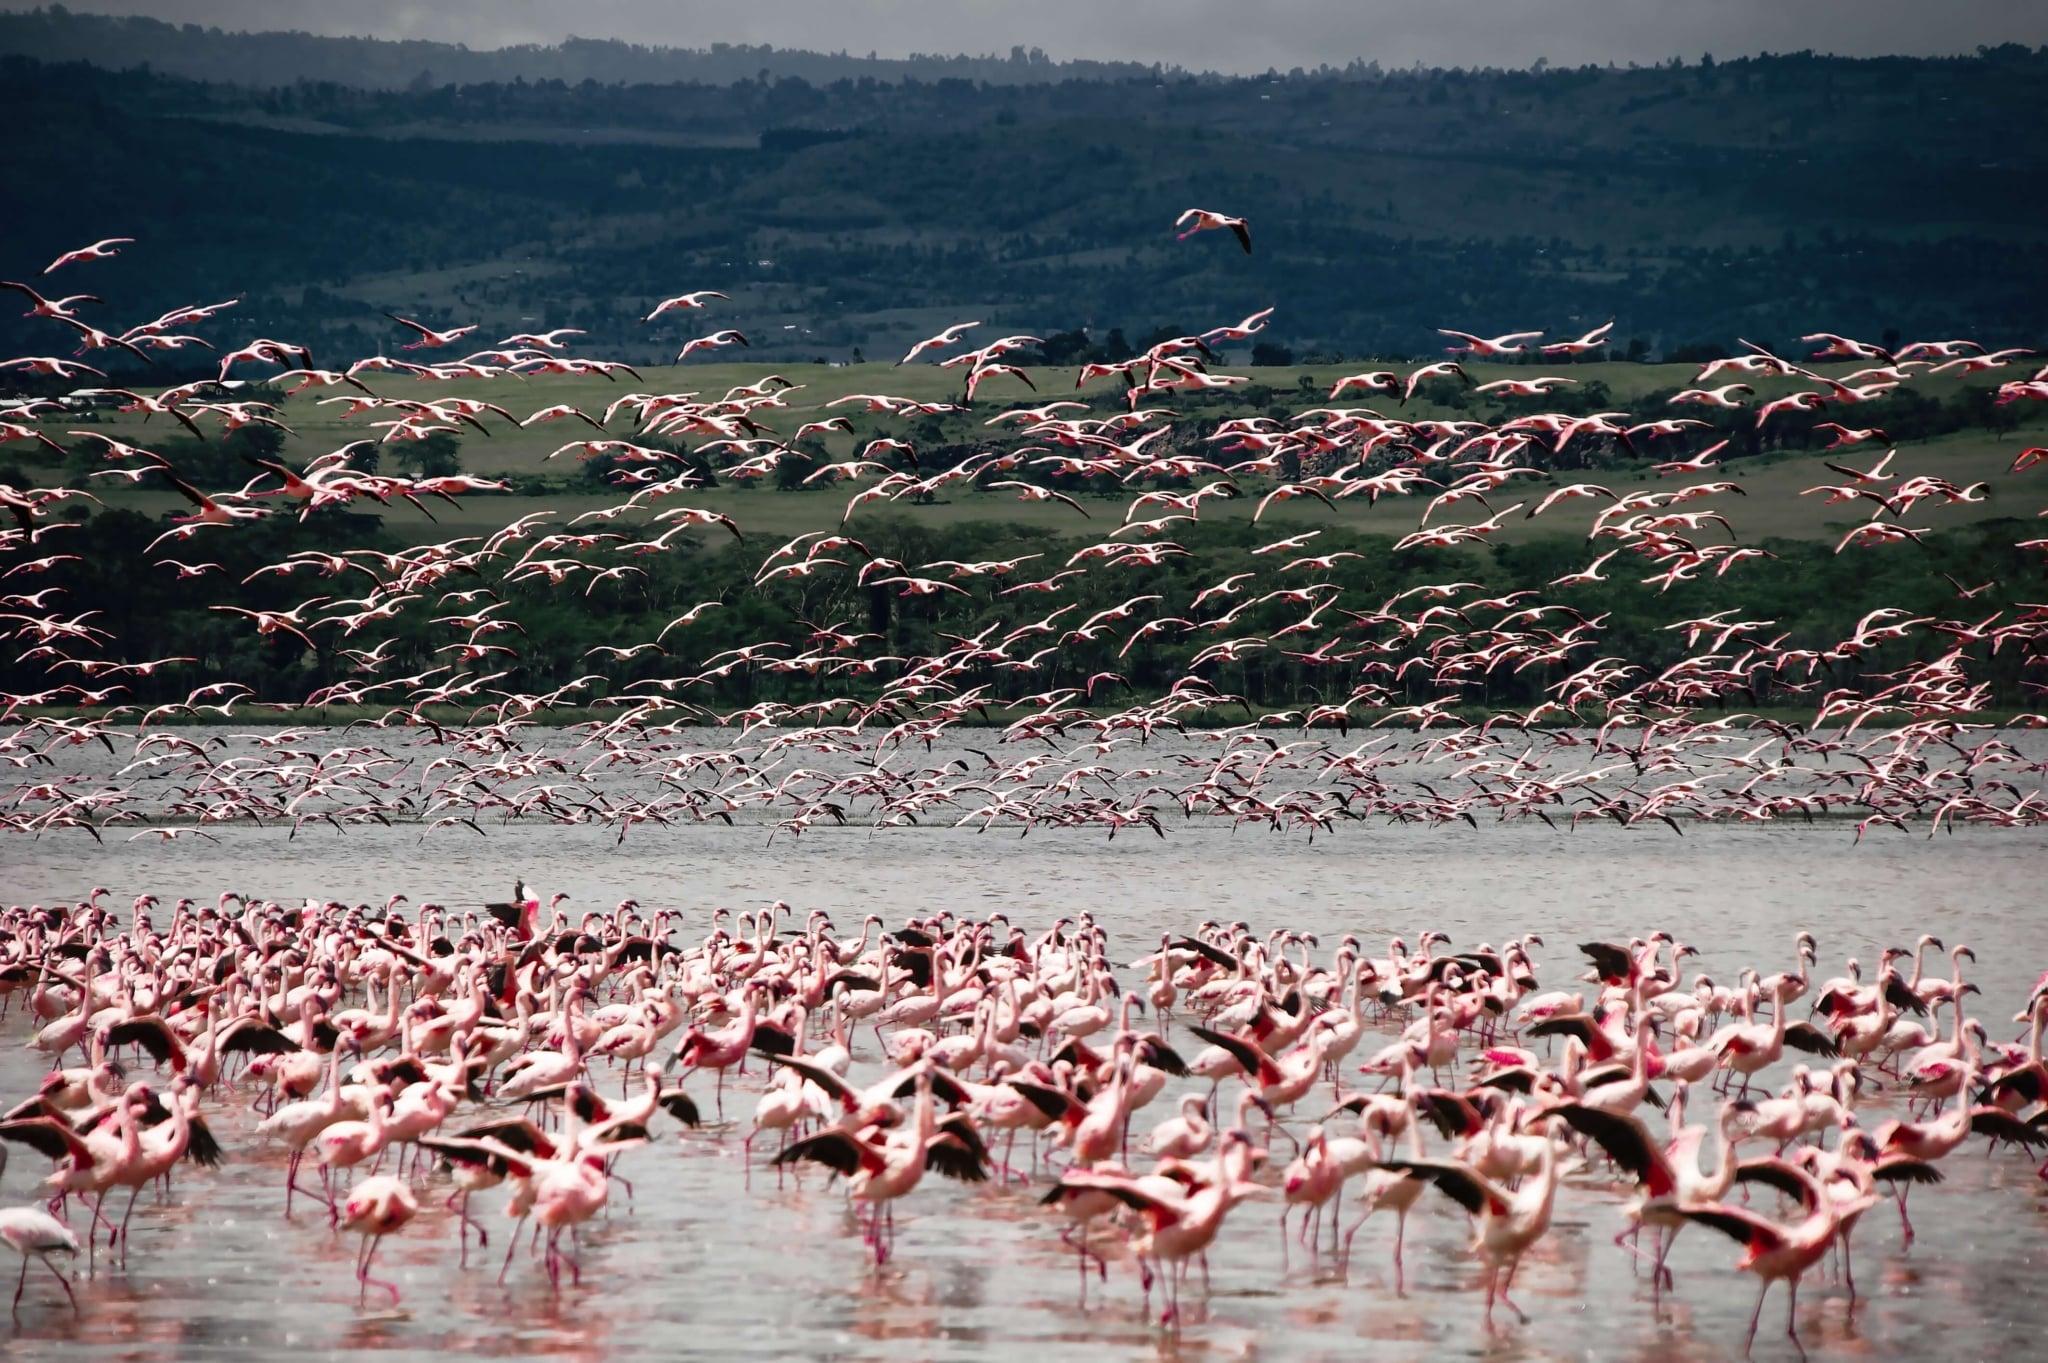 После дождей, чтобы утолить жажду, к озеру в заповеднике Амбосели подходит большое количество животных, водных птиц, особенно прекрасное зрелище создают розовые фламинго.